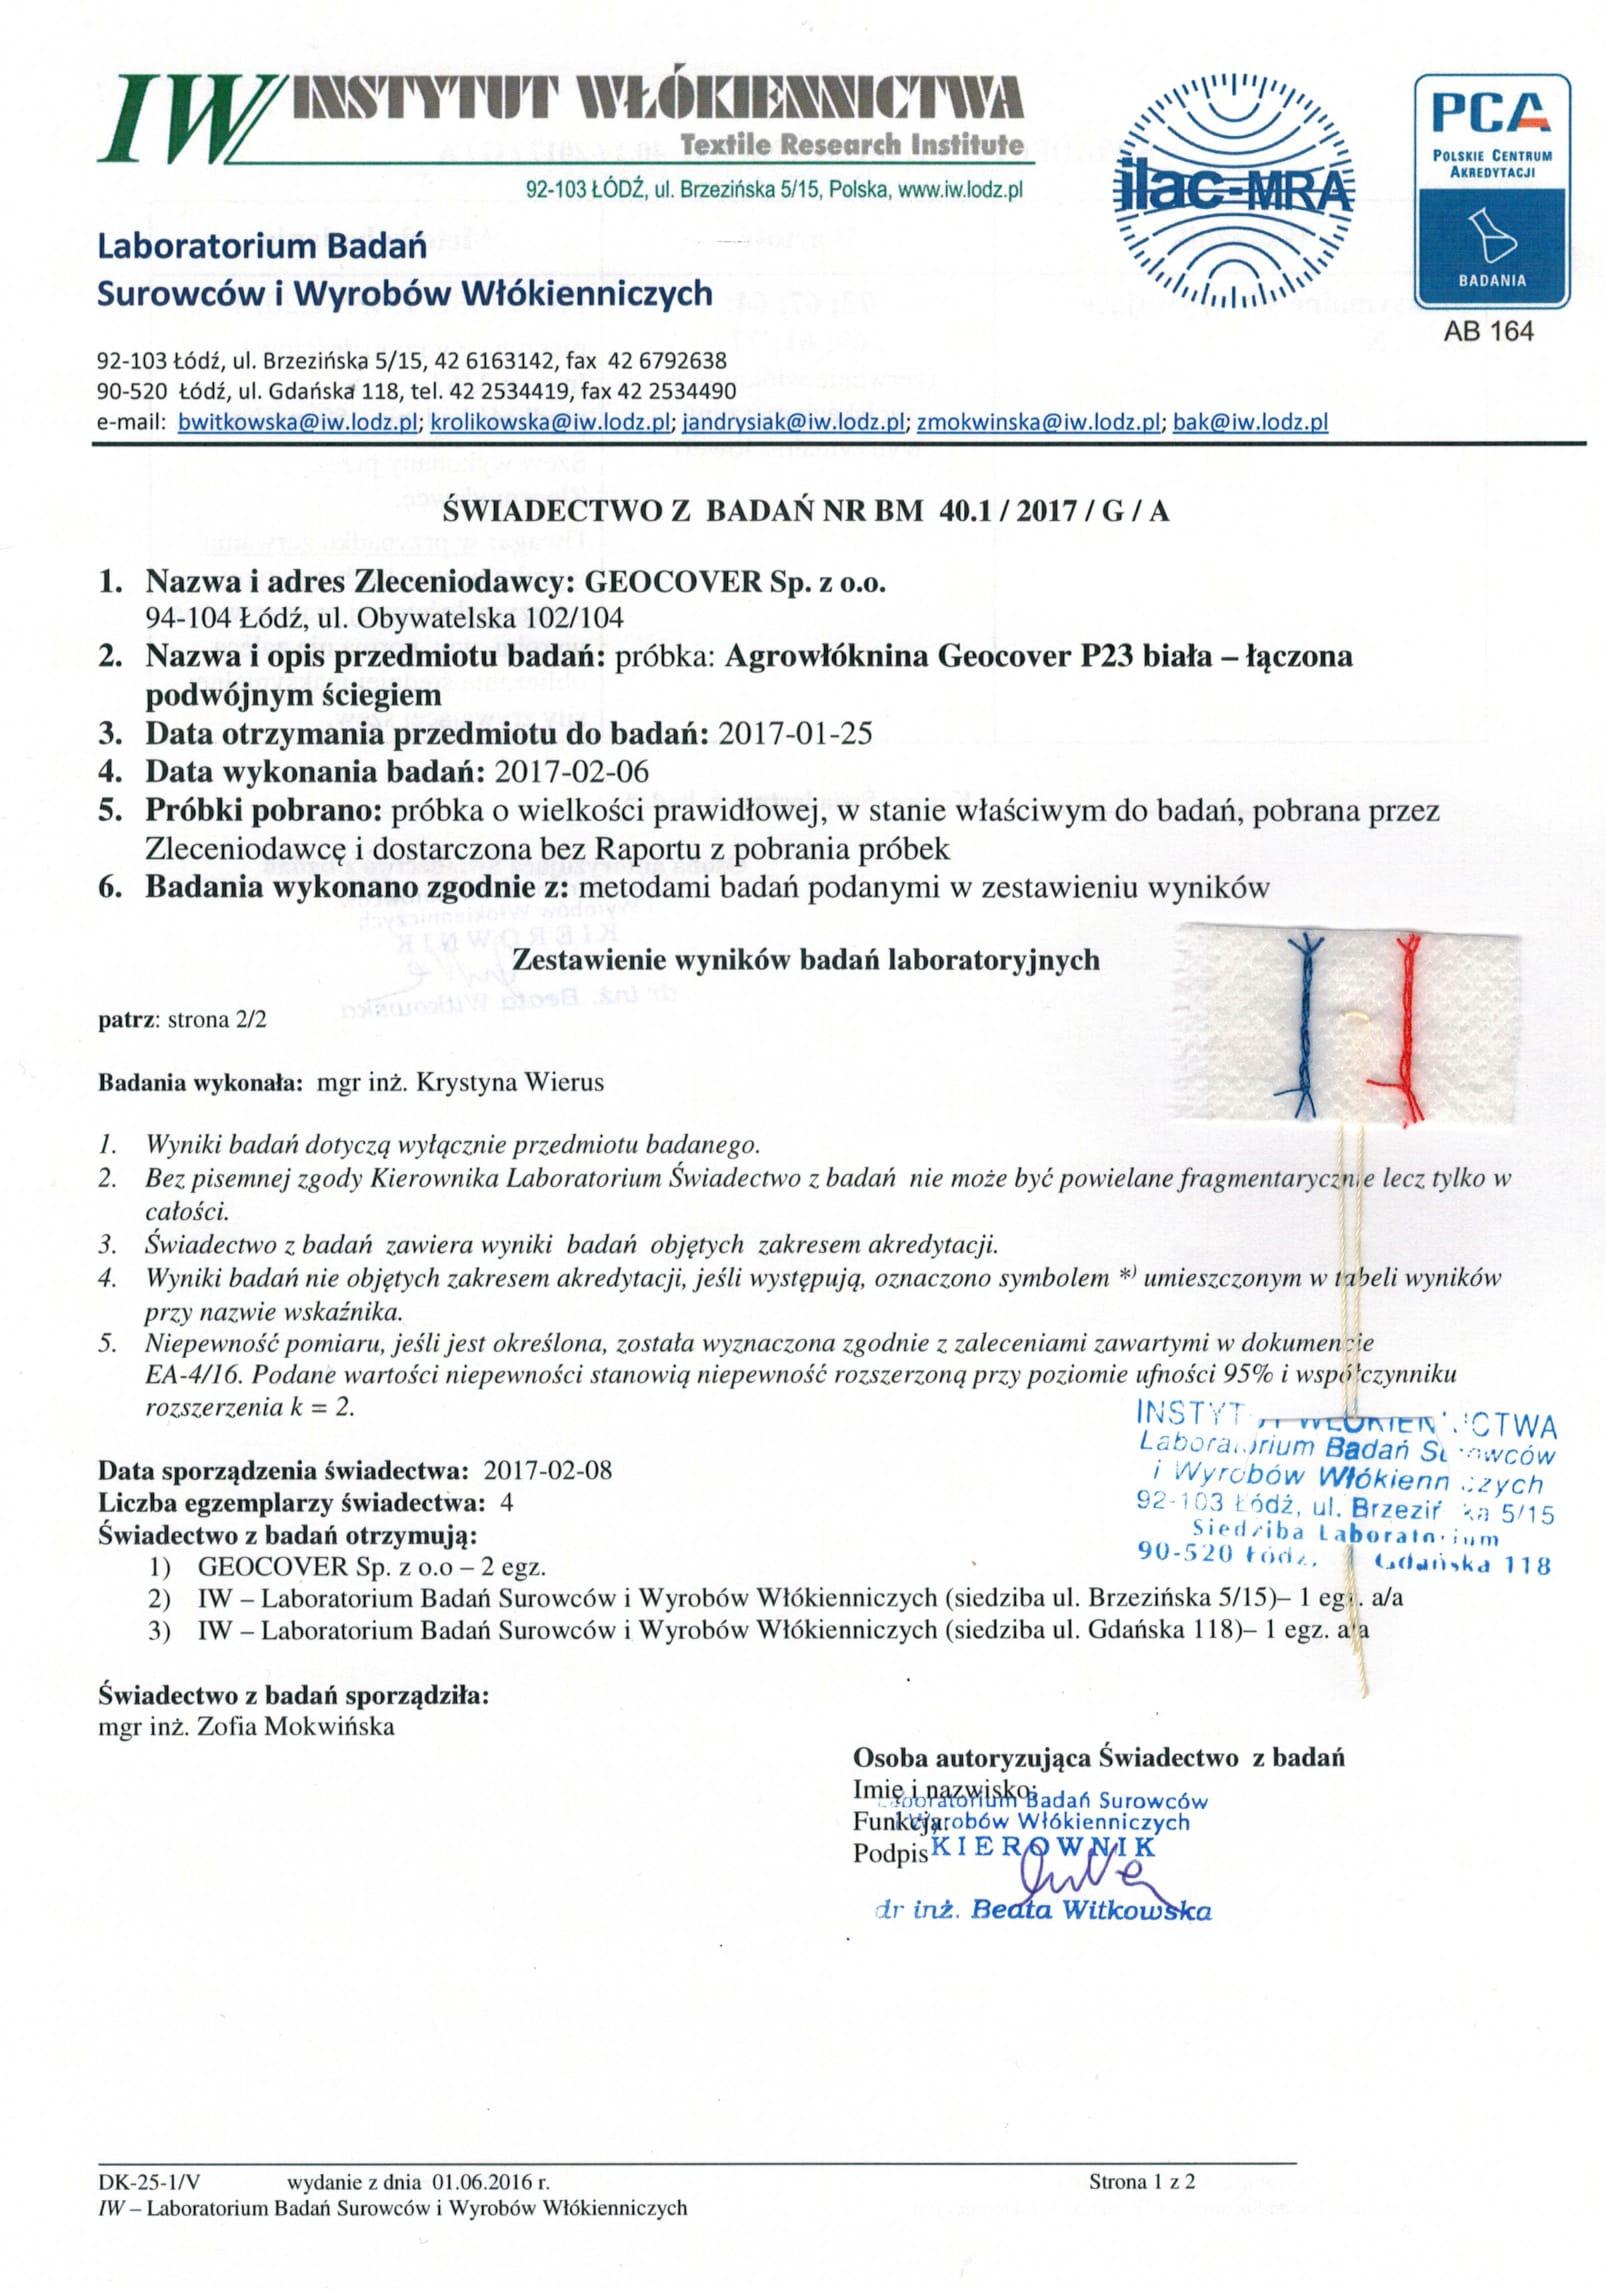 agrow%C5%82o%CC%81knina%20P23%20bia%C5%8